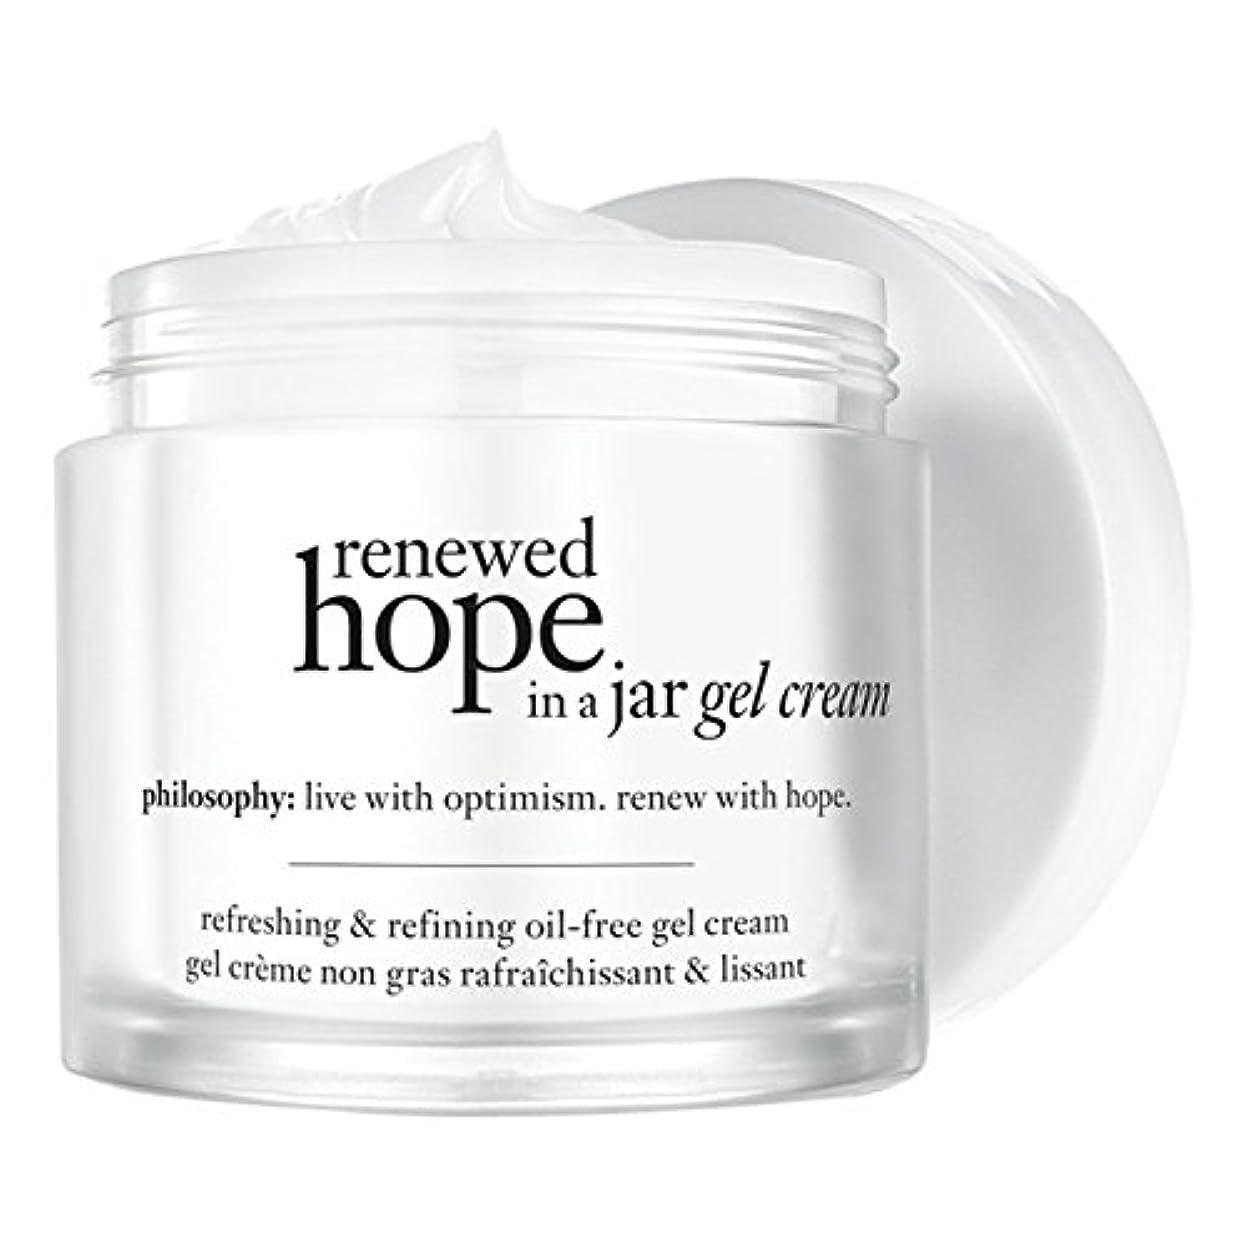 怠隠着飾るジャーオイルフリージェルクリーム60ミリリットルで哲学新たな希望 (Philosophy) (x6) - Philosophy Renewed Hope in a Jar Oil-Free Gel Cream 60ml (Pack of 6) [並行輸入品]